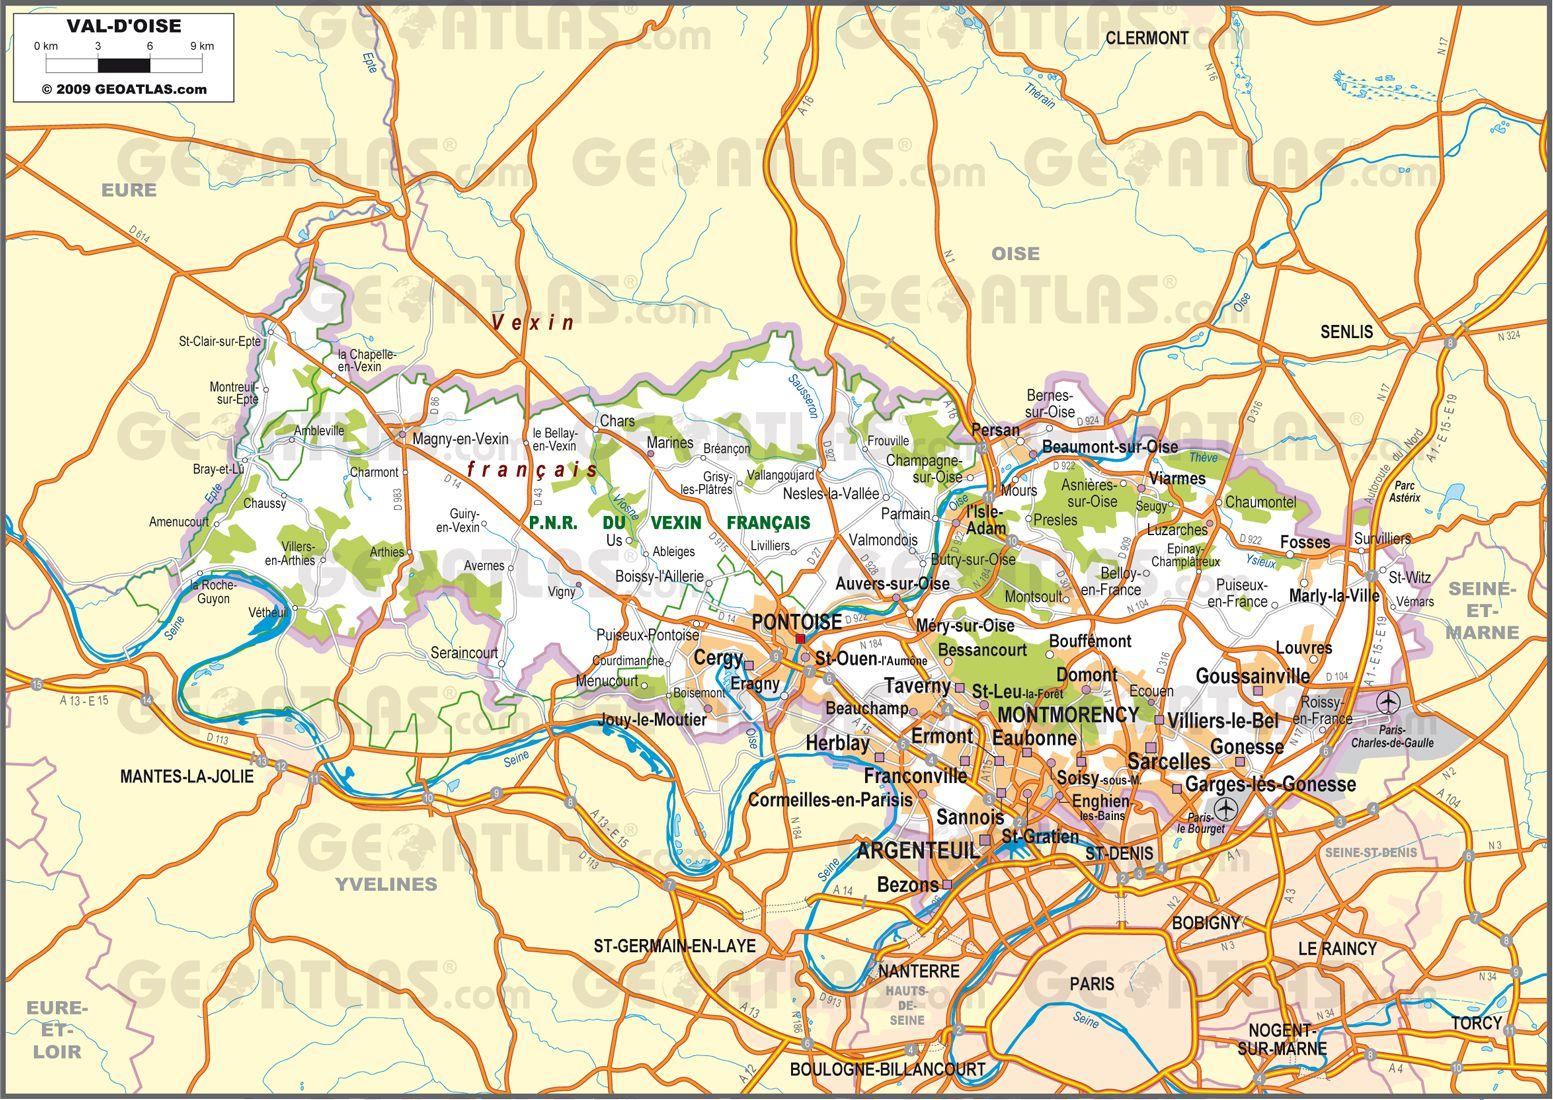 Carte routière du Val-d'Oise